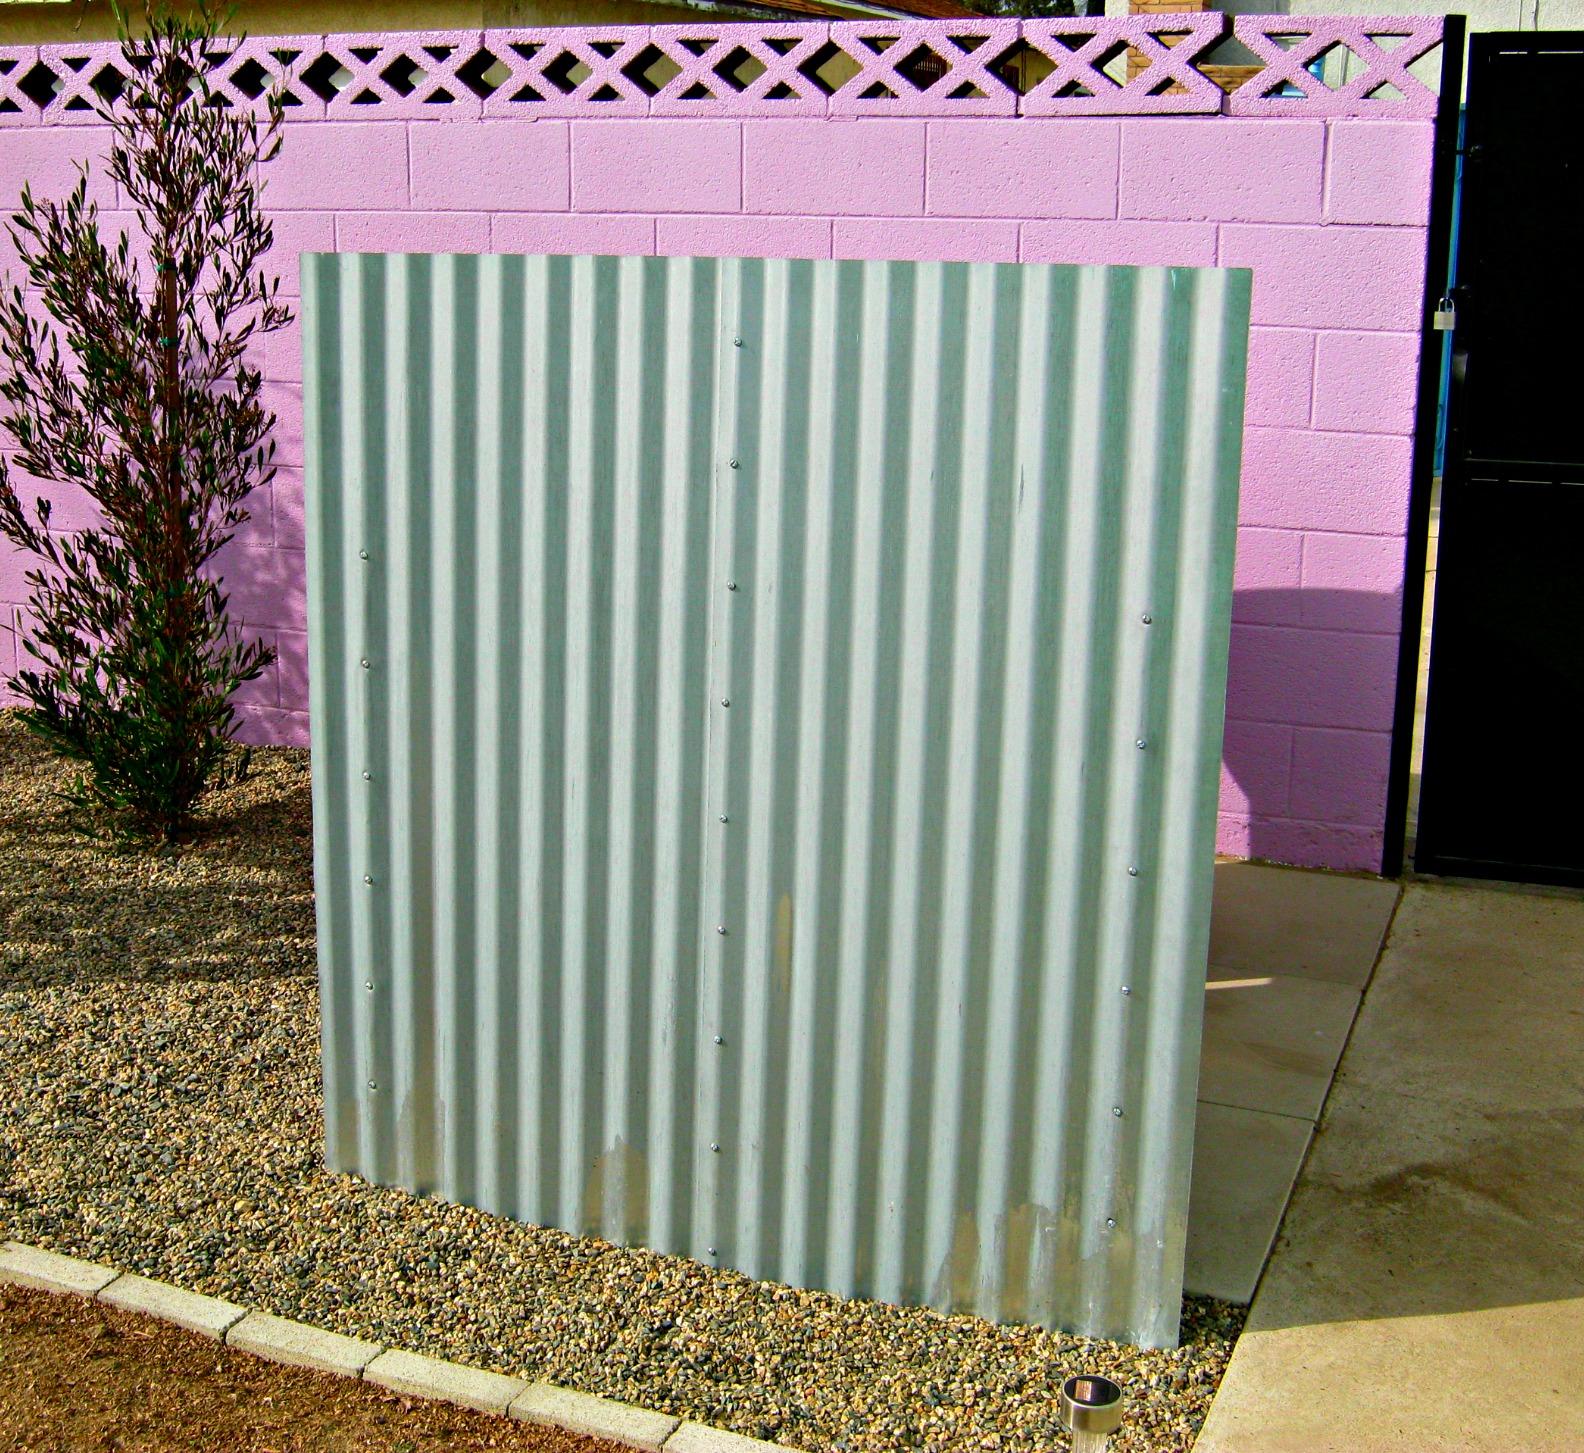 Diy garbage can fence lynda makara